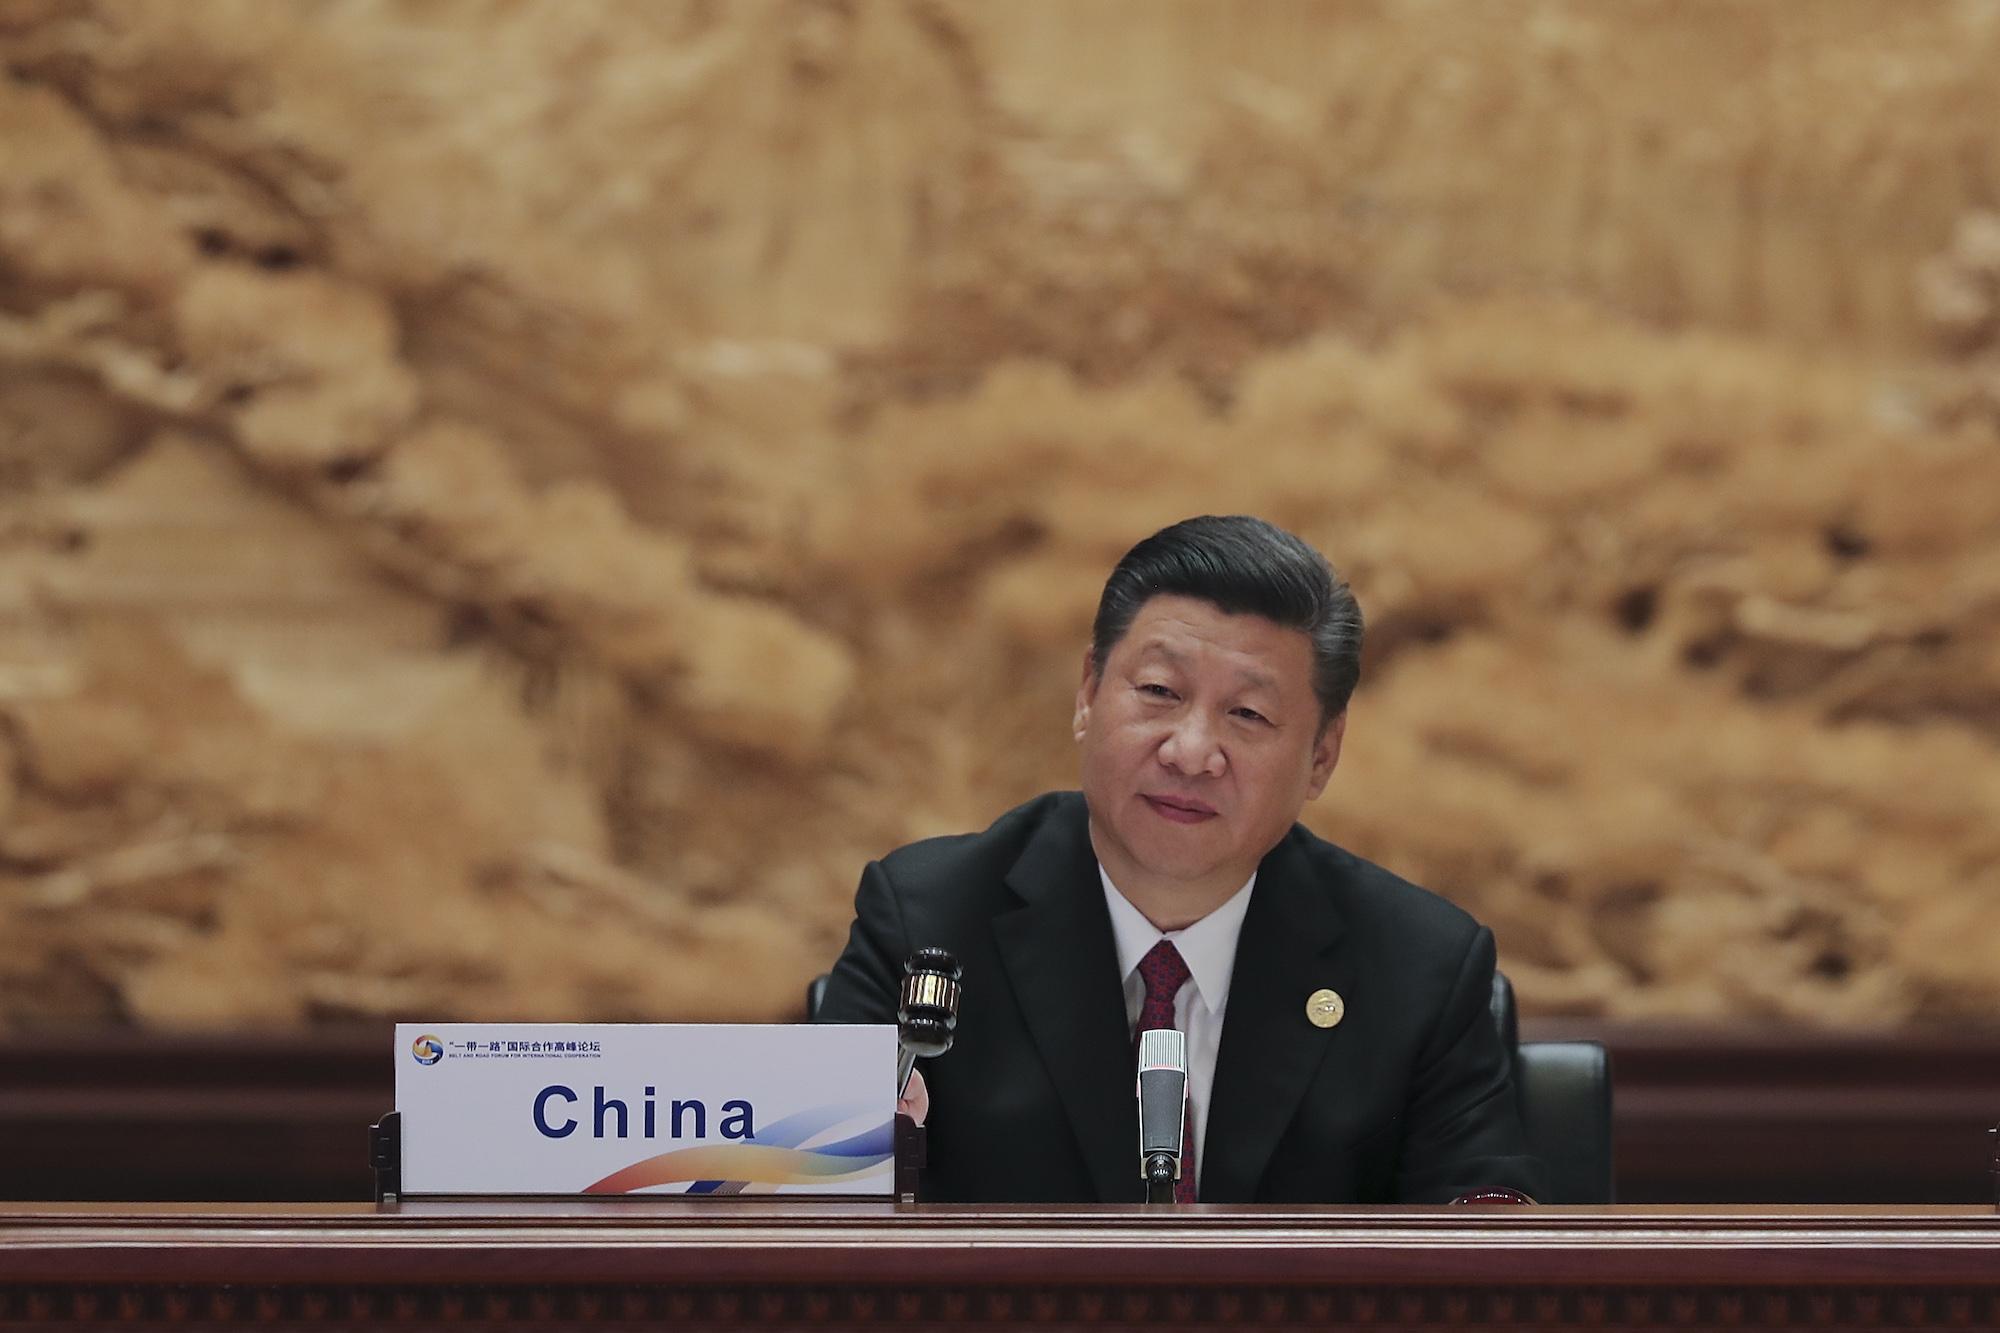 الرئيس الصيني في مؤتمر مبادرة الحزام والطريق